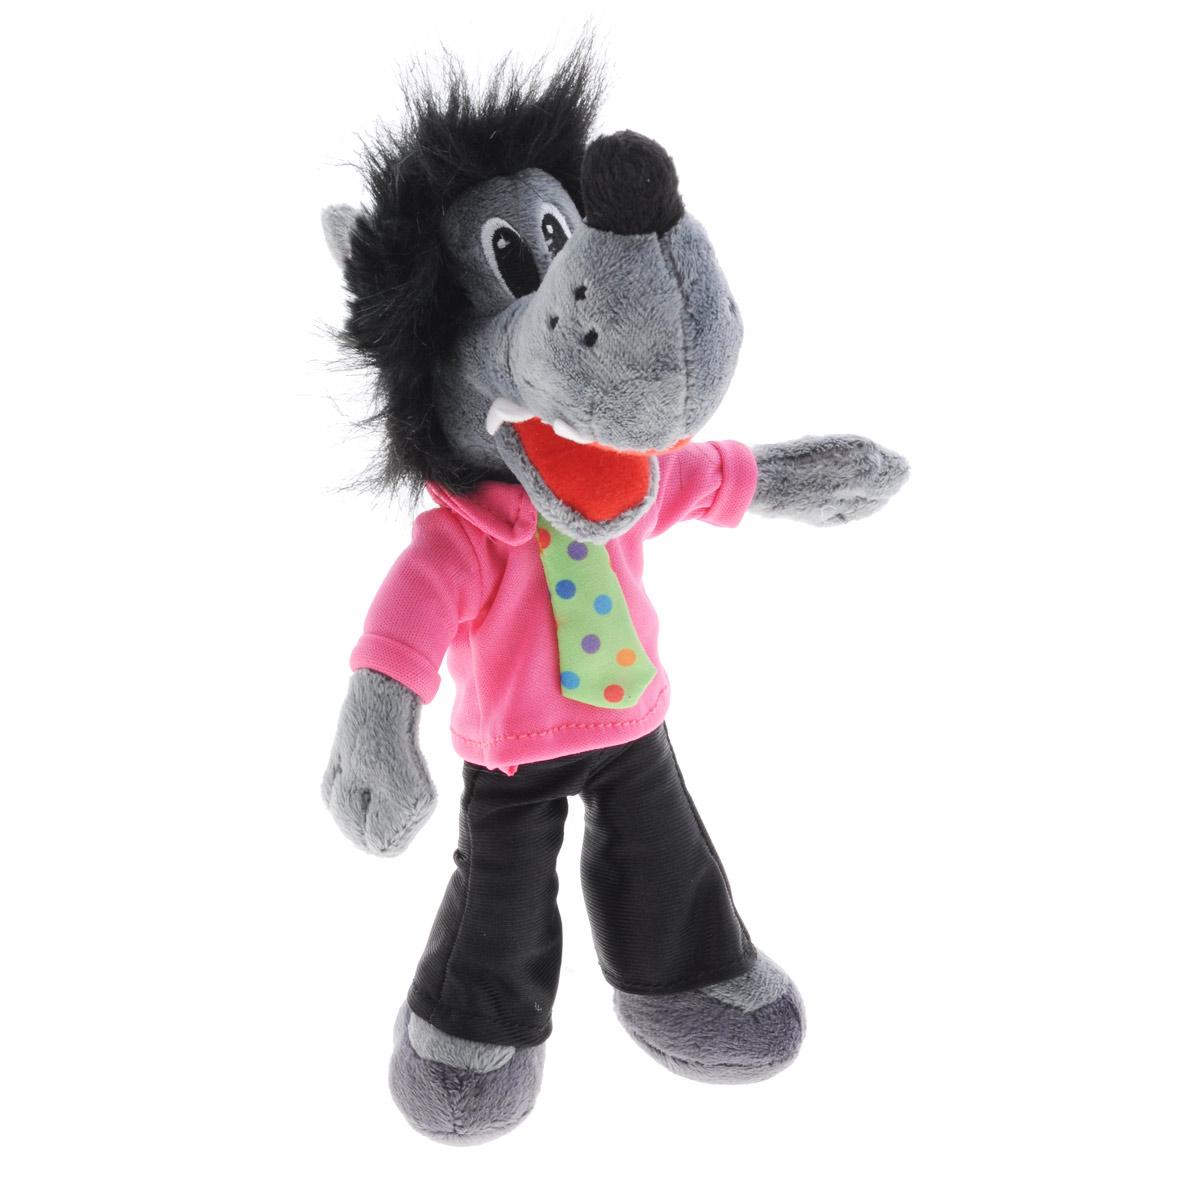 Мягкая игрушка Ну, погоди! Волк, 22 см развивающая игрушка 1toy ну погоди 1toy ну погоди музыкальные инструменты в барабане